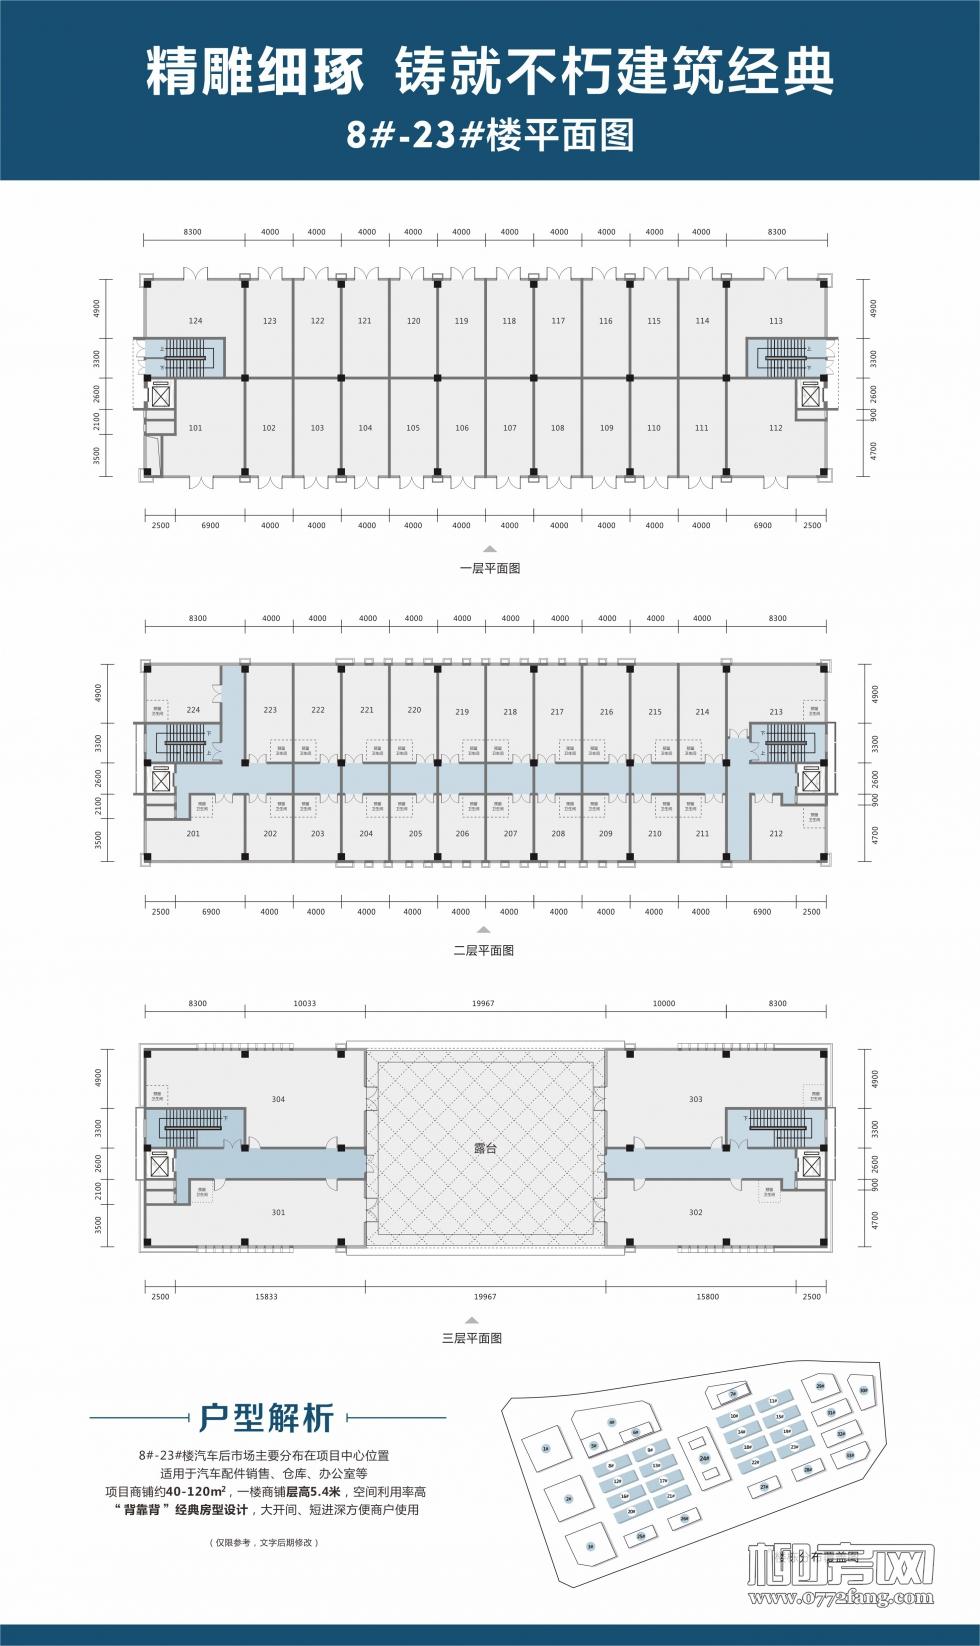 8-23#楼建面约40-120频密商铺(1楼层高5.4米).jpg